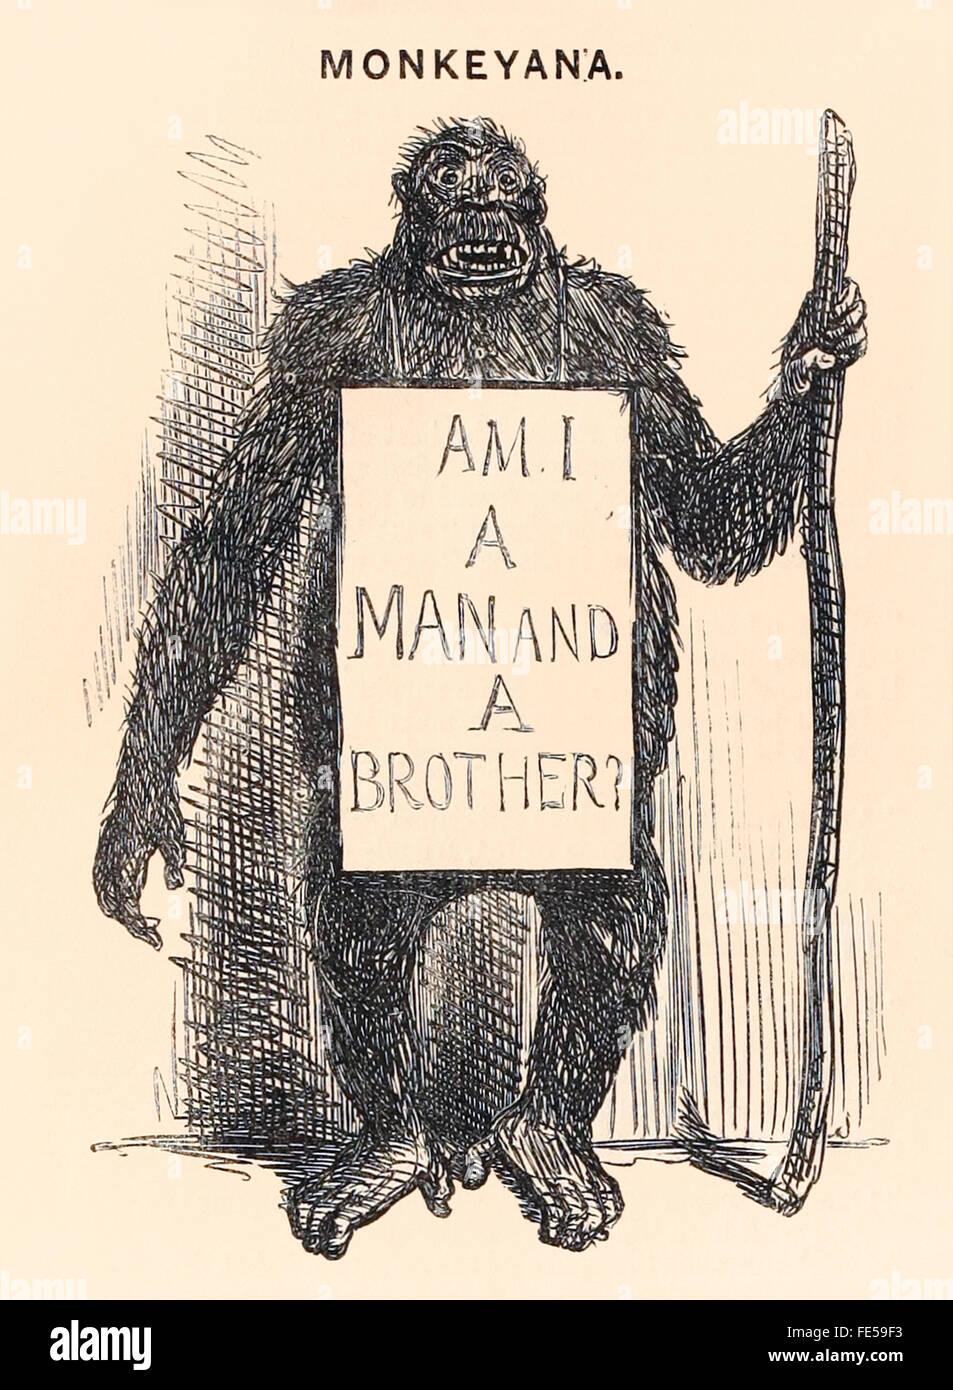 """""""Ich bin ein Mann und ein Bruder?"""" liest einen bettelnden Affen Plakat in diesem Cartoon 'Monkeyana' Stockbild"""